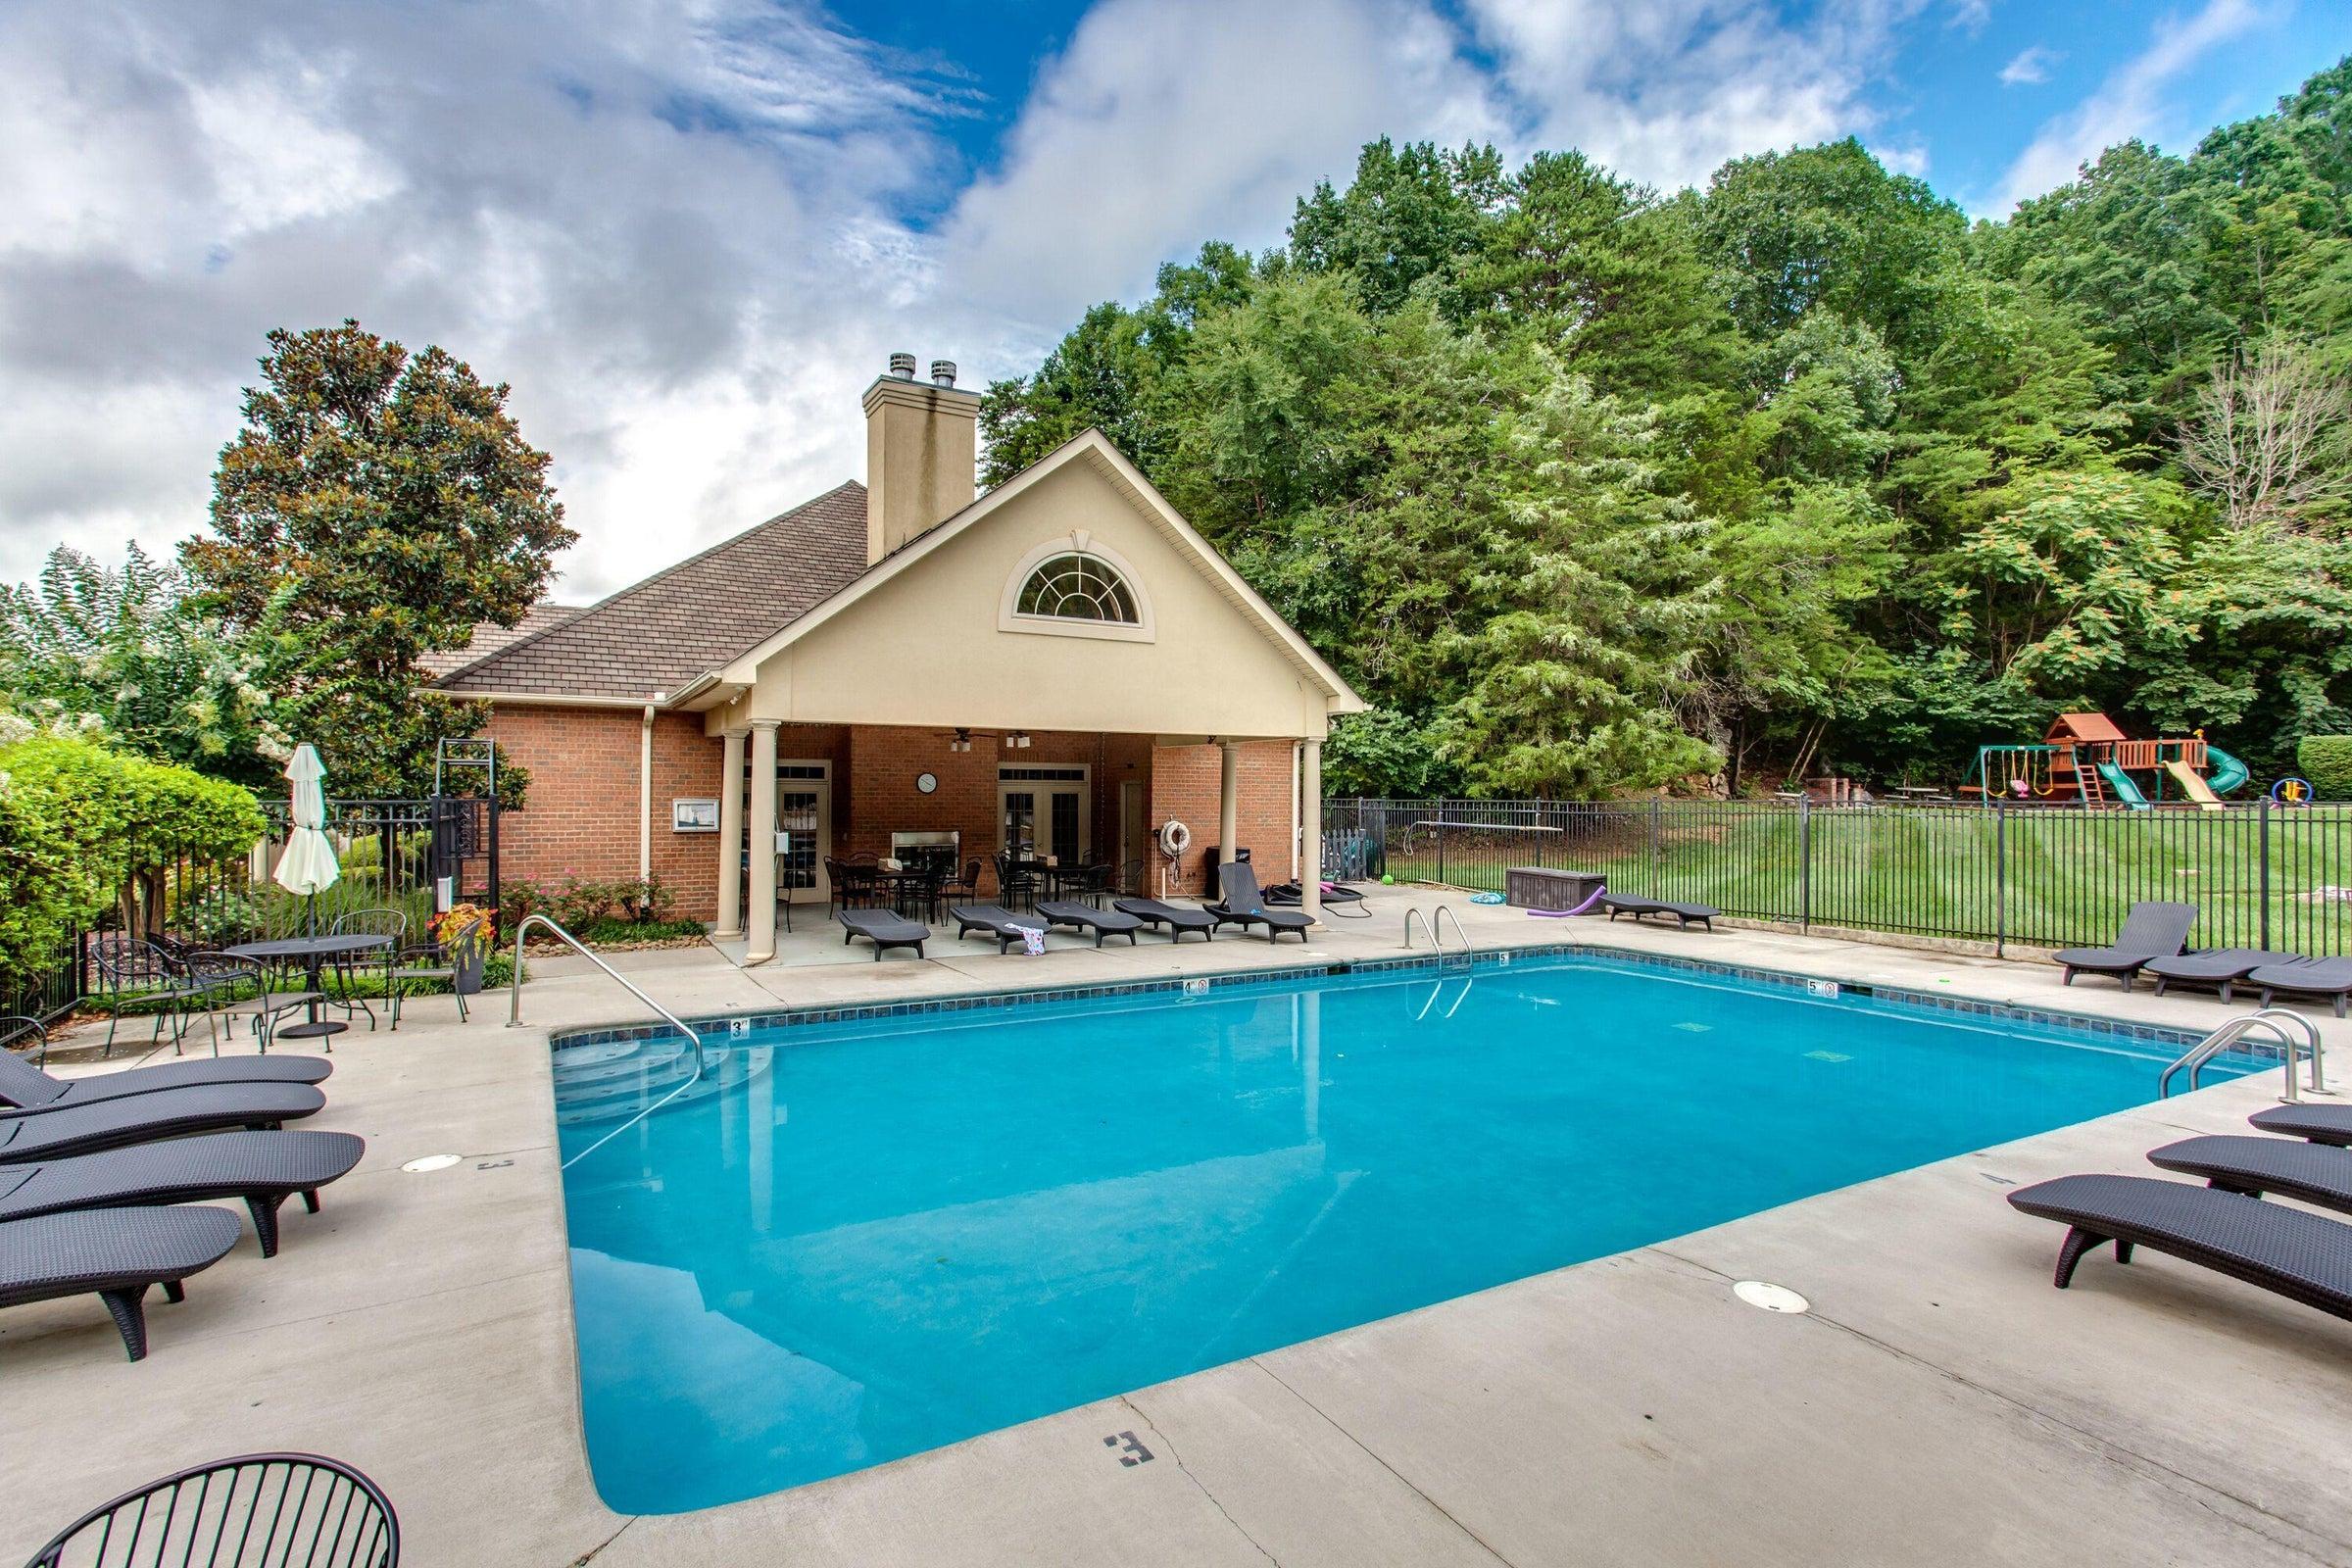 pool club house 2